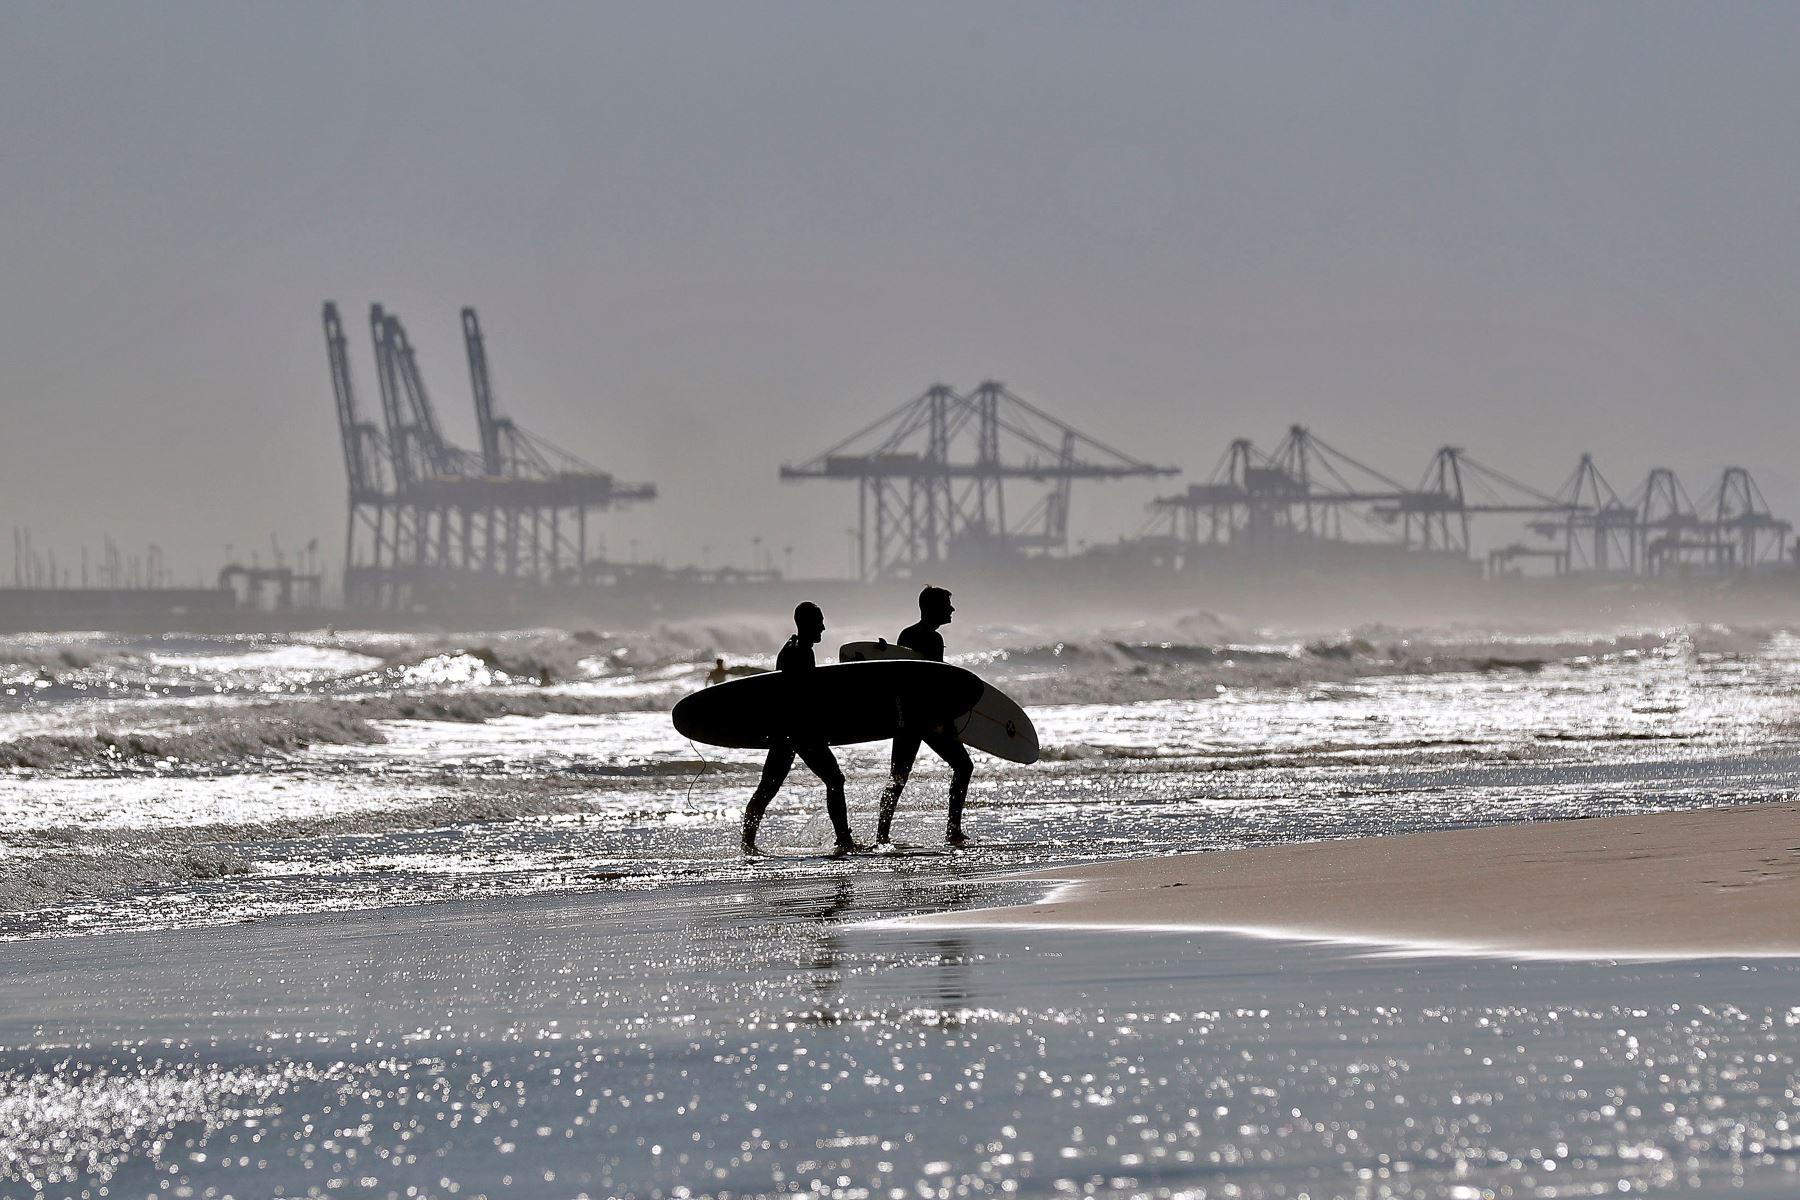 Dos surfistas en la playa de La Malvarrosa de Valencia donde las olas y el cielo despejado han animado a muchos practicar este deporte. Foto: EFE